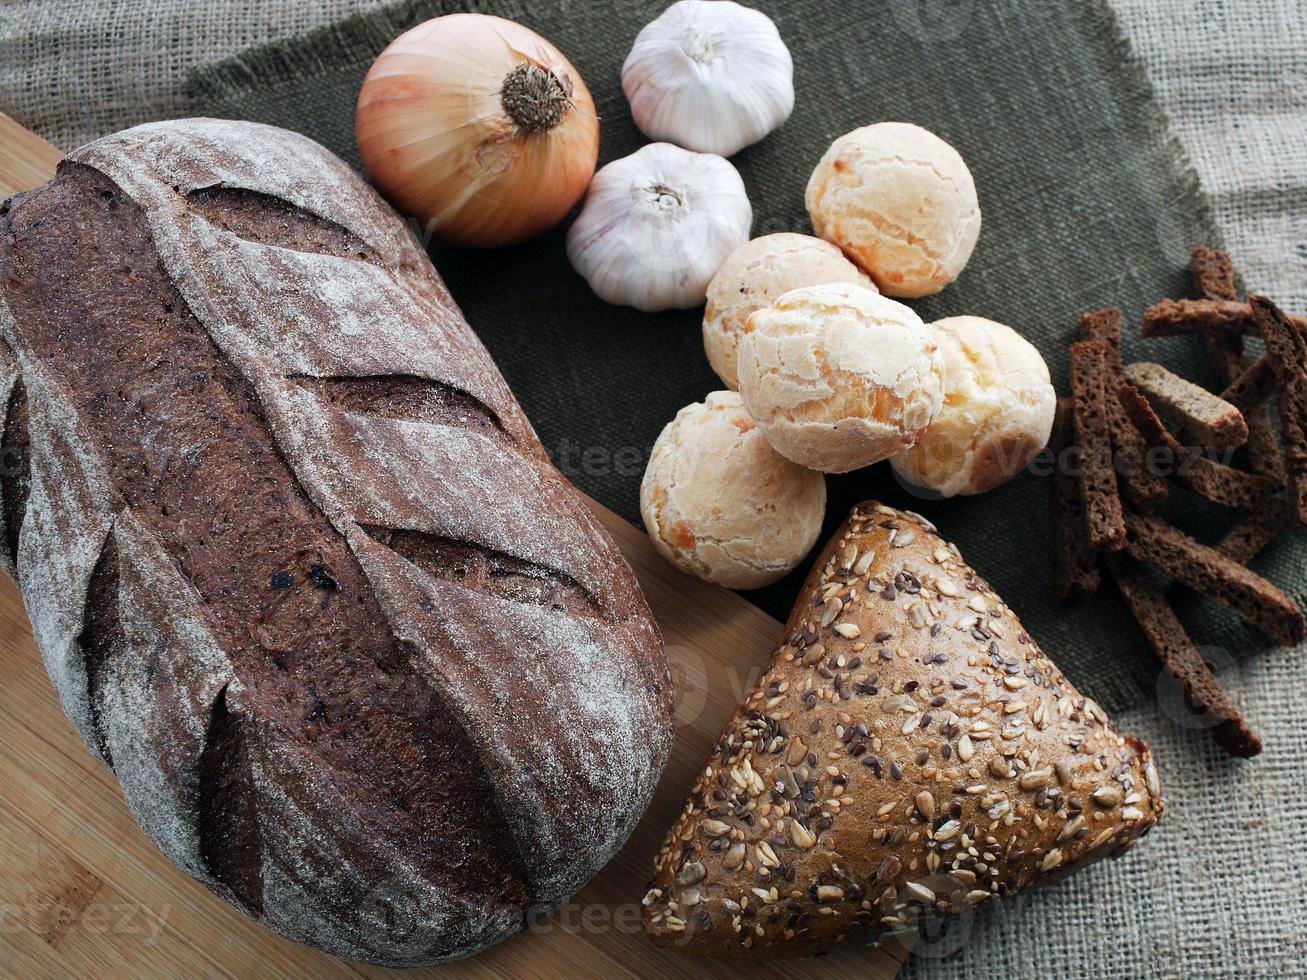 pão, cebola, alho e bolachas em um fundo marrom foto